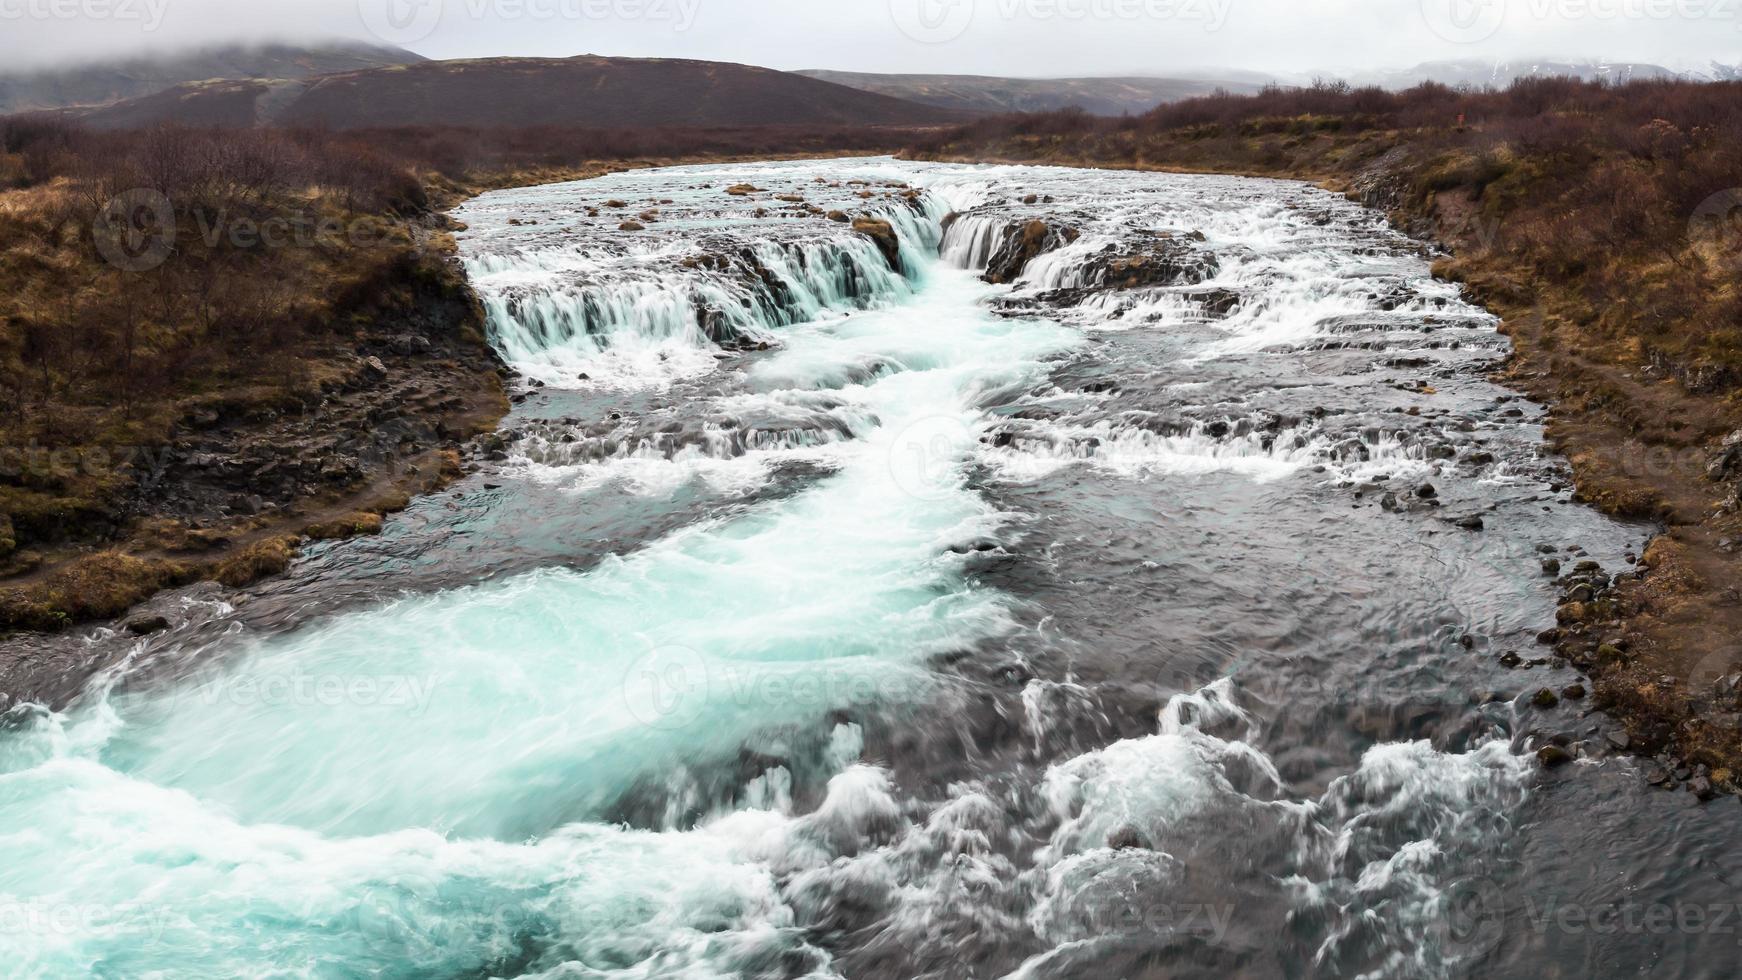 bruarfoss (bridge fall), è una cascata sul fiume bruara foto